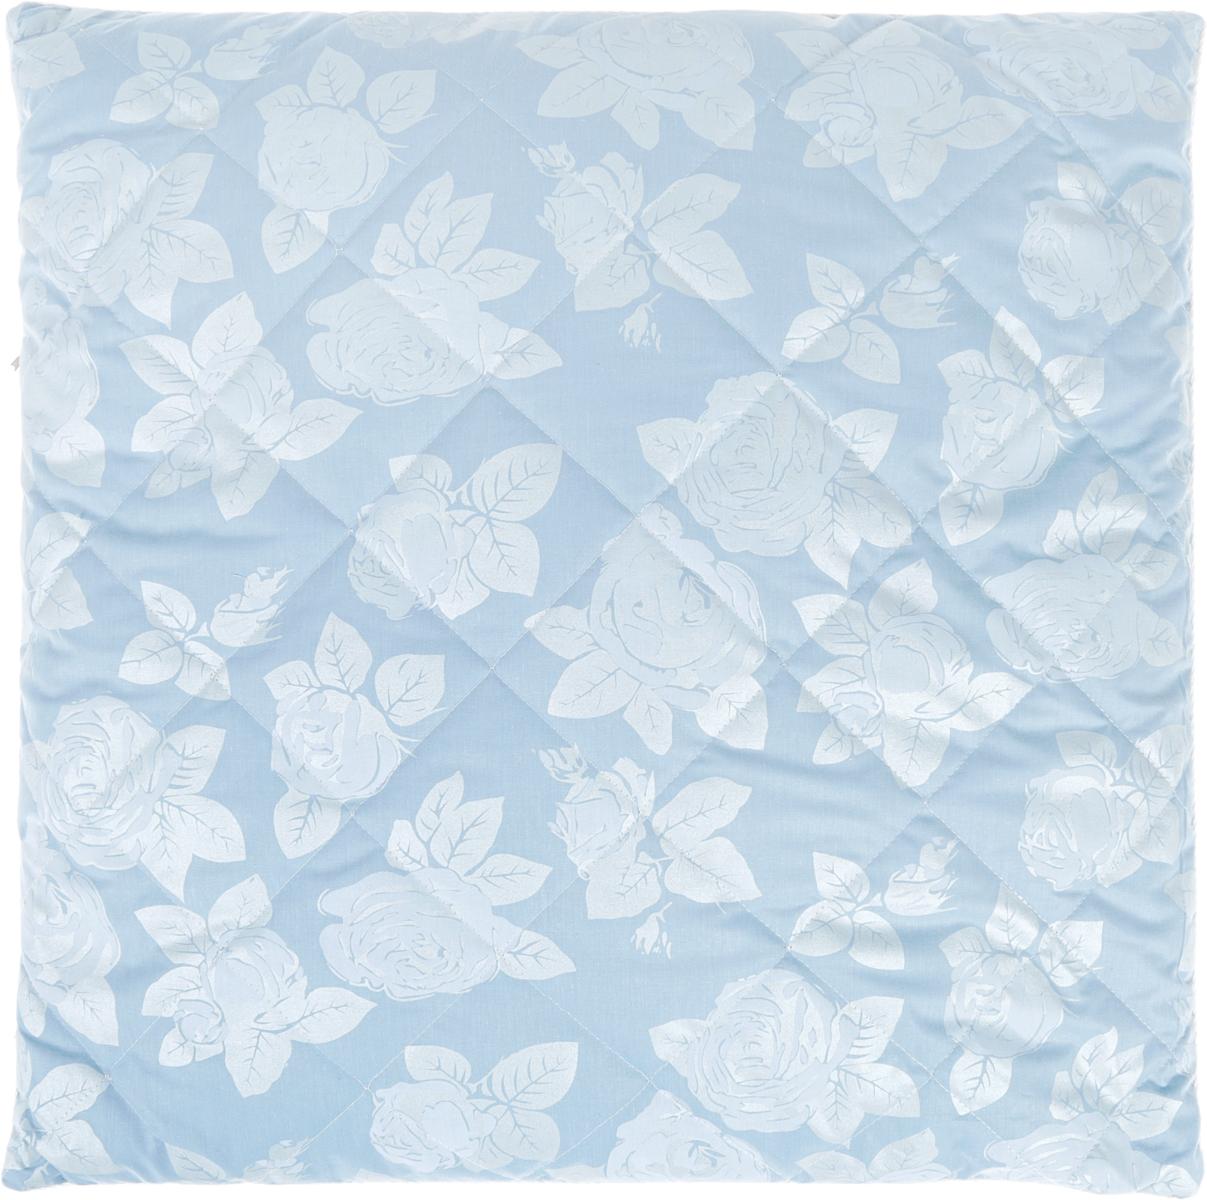 Подушка Bio-Teхtiles Сила природы, наполнитель: лузга гречихи, цвет: голубой, 70 х 70 см